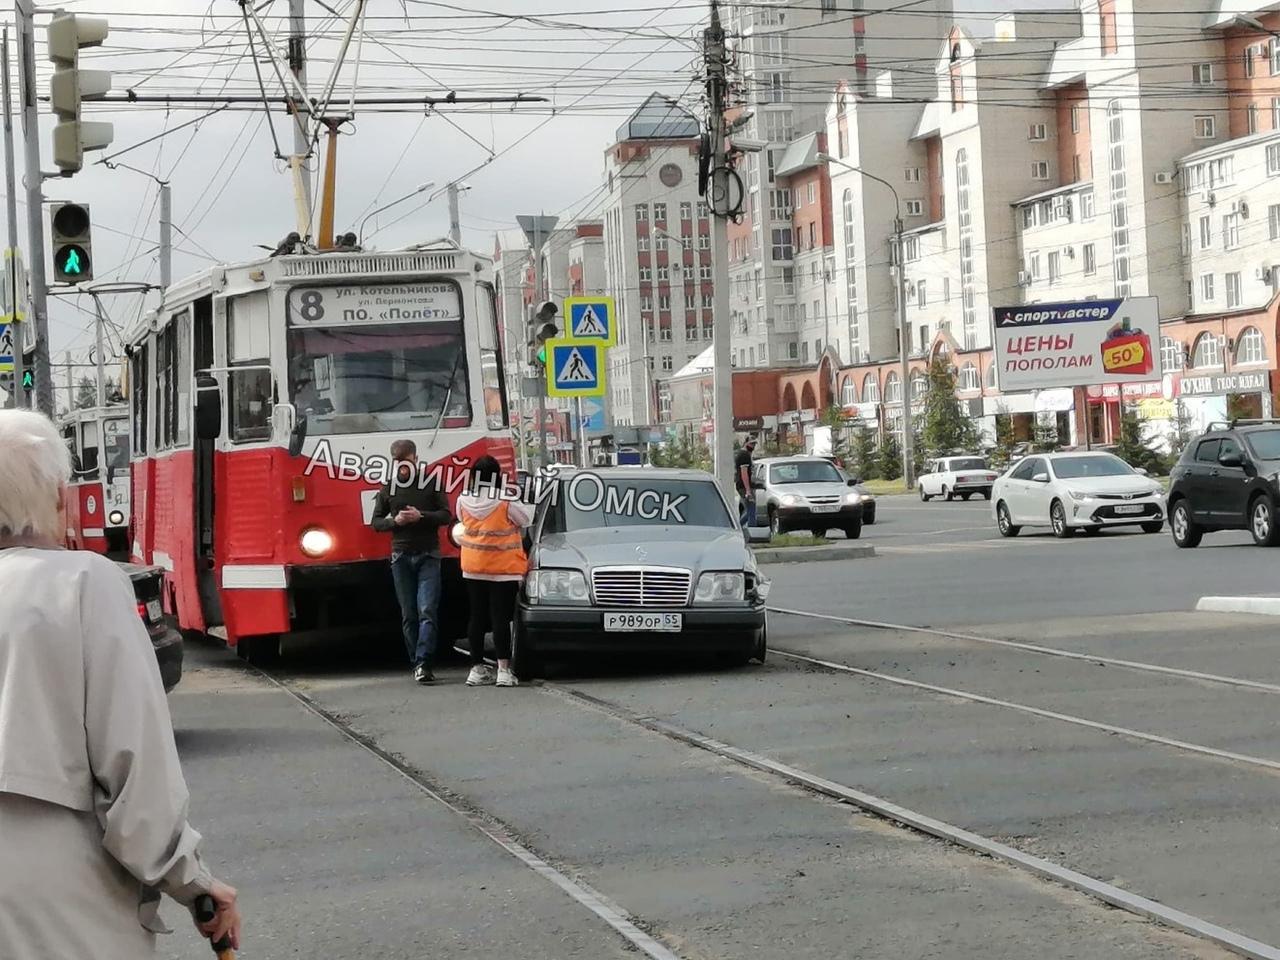 В центре Омска трамвай чуть не раздавил «Мерседес» #Омск #Общество #Сегодня